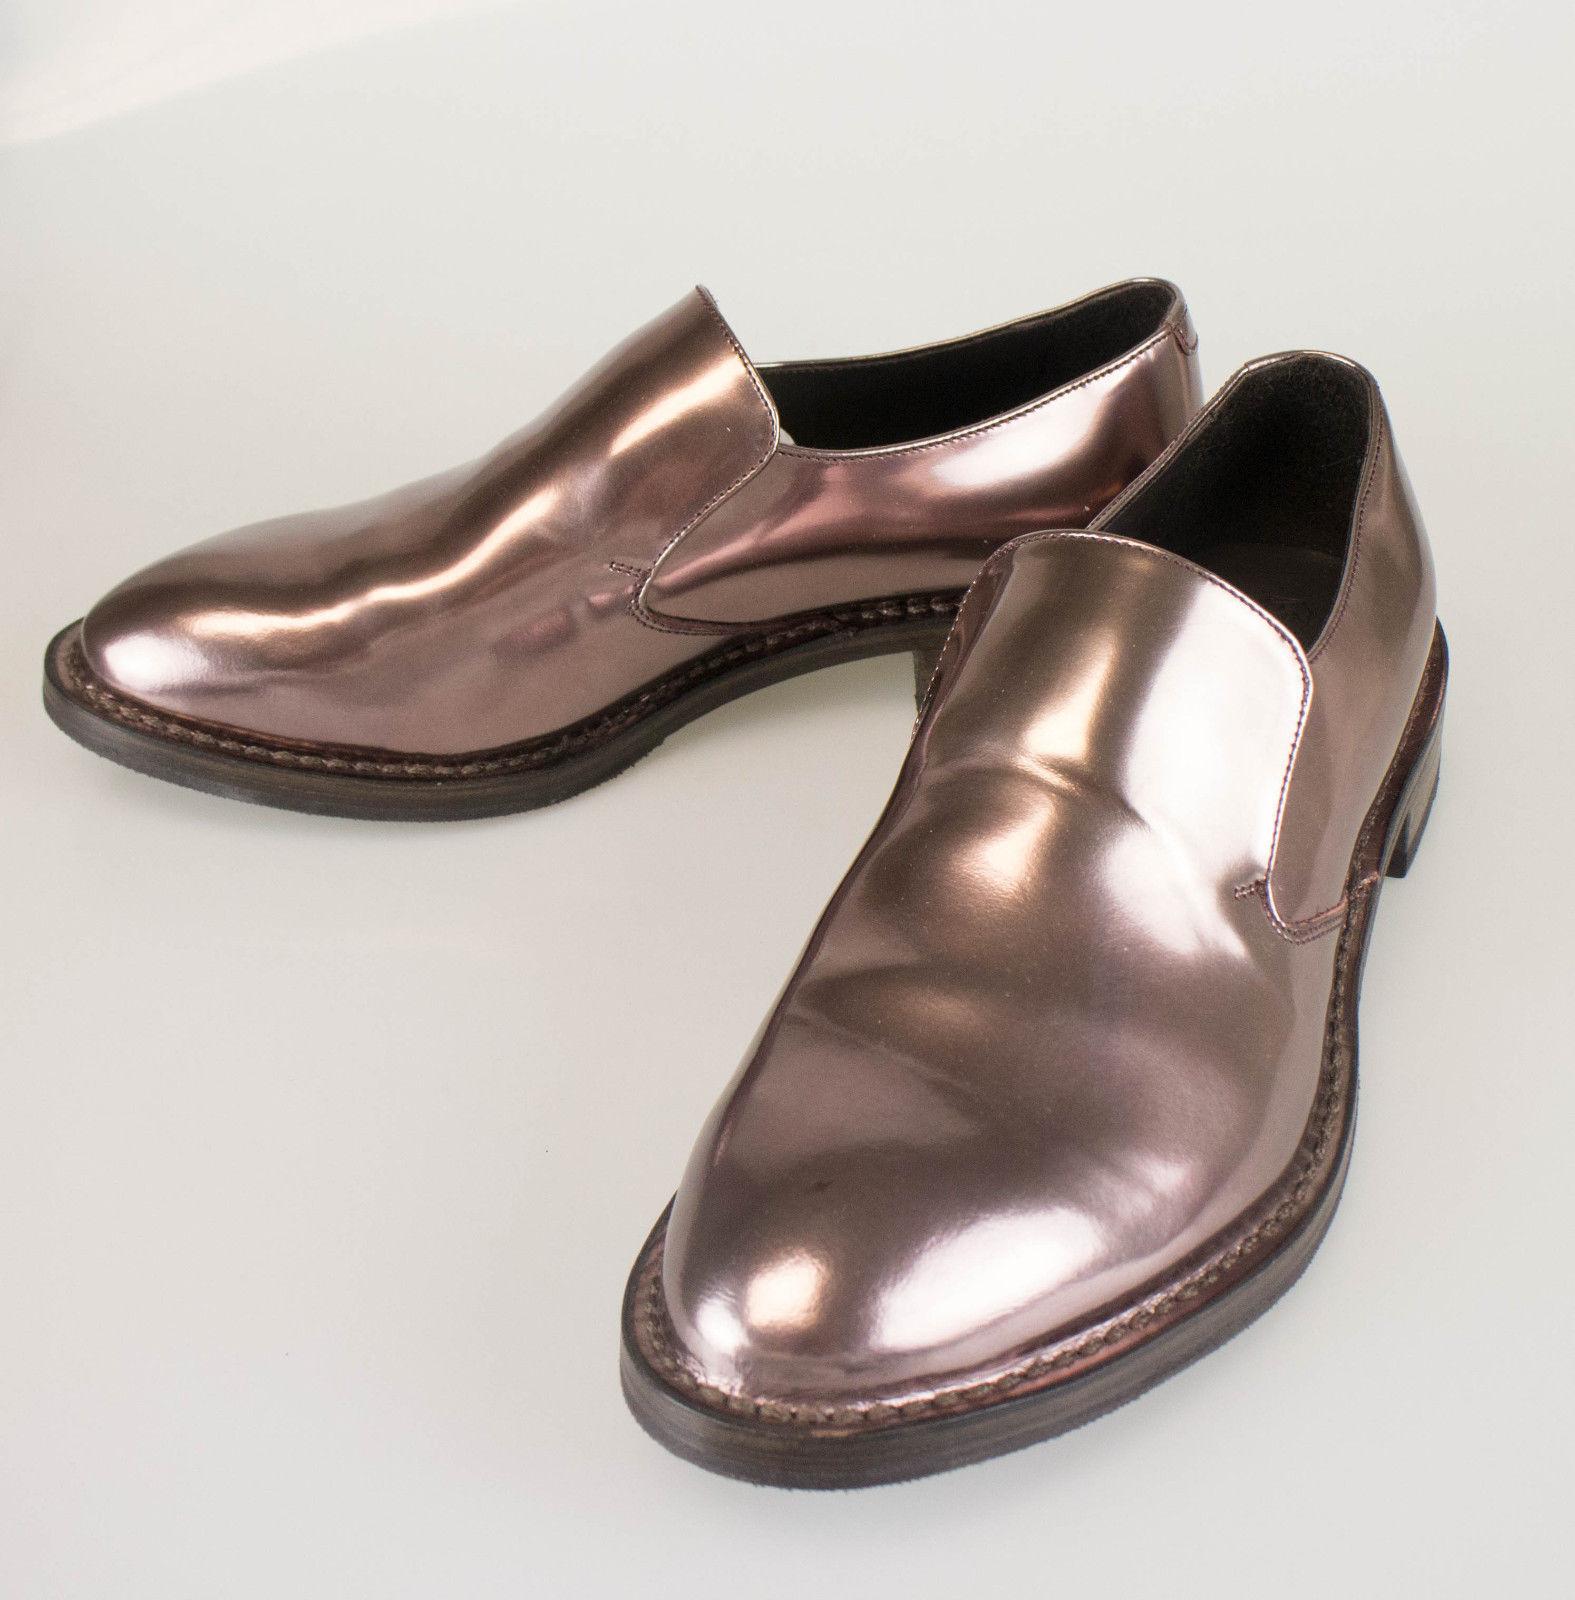 Nuevo. BRUNELLO CUCINELLI Marrón Charol Charol Charol Mocasines Zapatos Talla 7.5 37.5  1170  para proporcionarle una compra en línea agradable